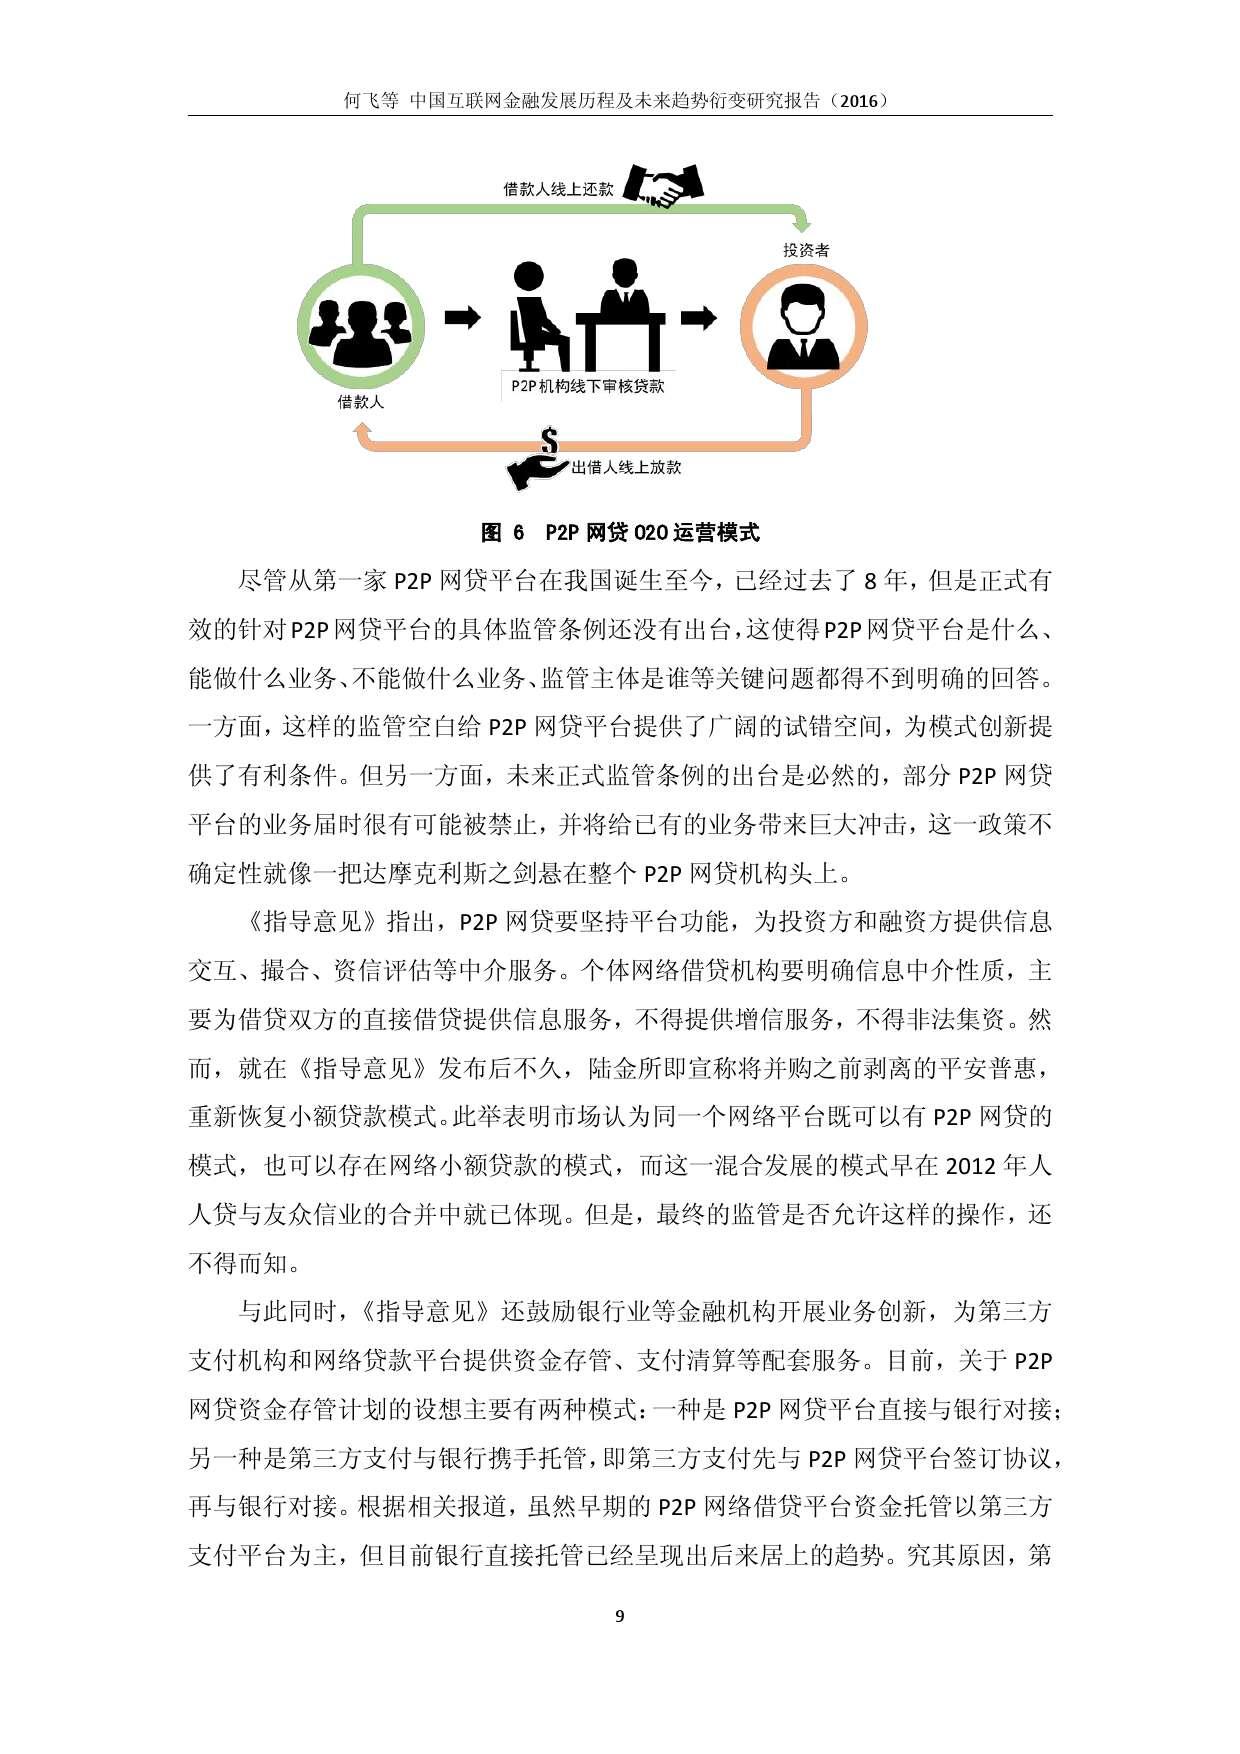 中国互联网金融发展历程及未来趋势衍变研究报告(2016)_000014